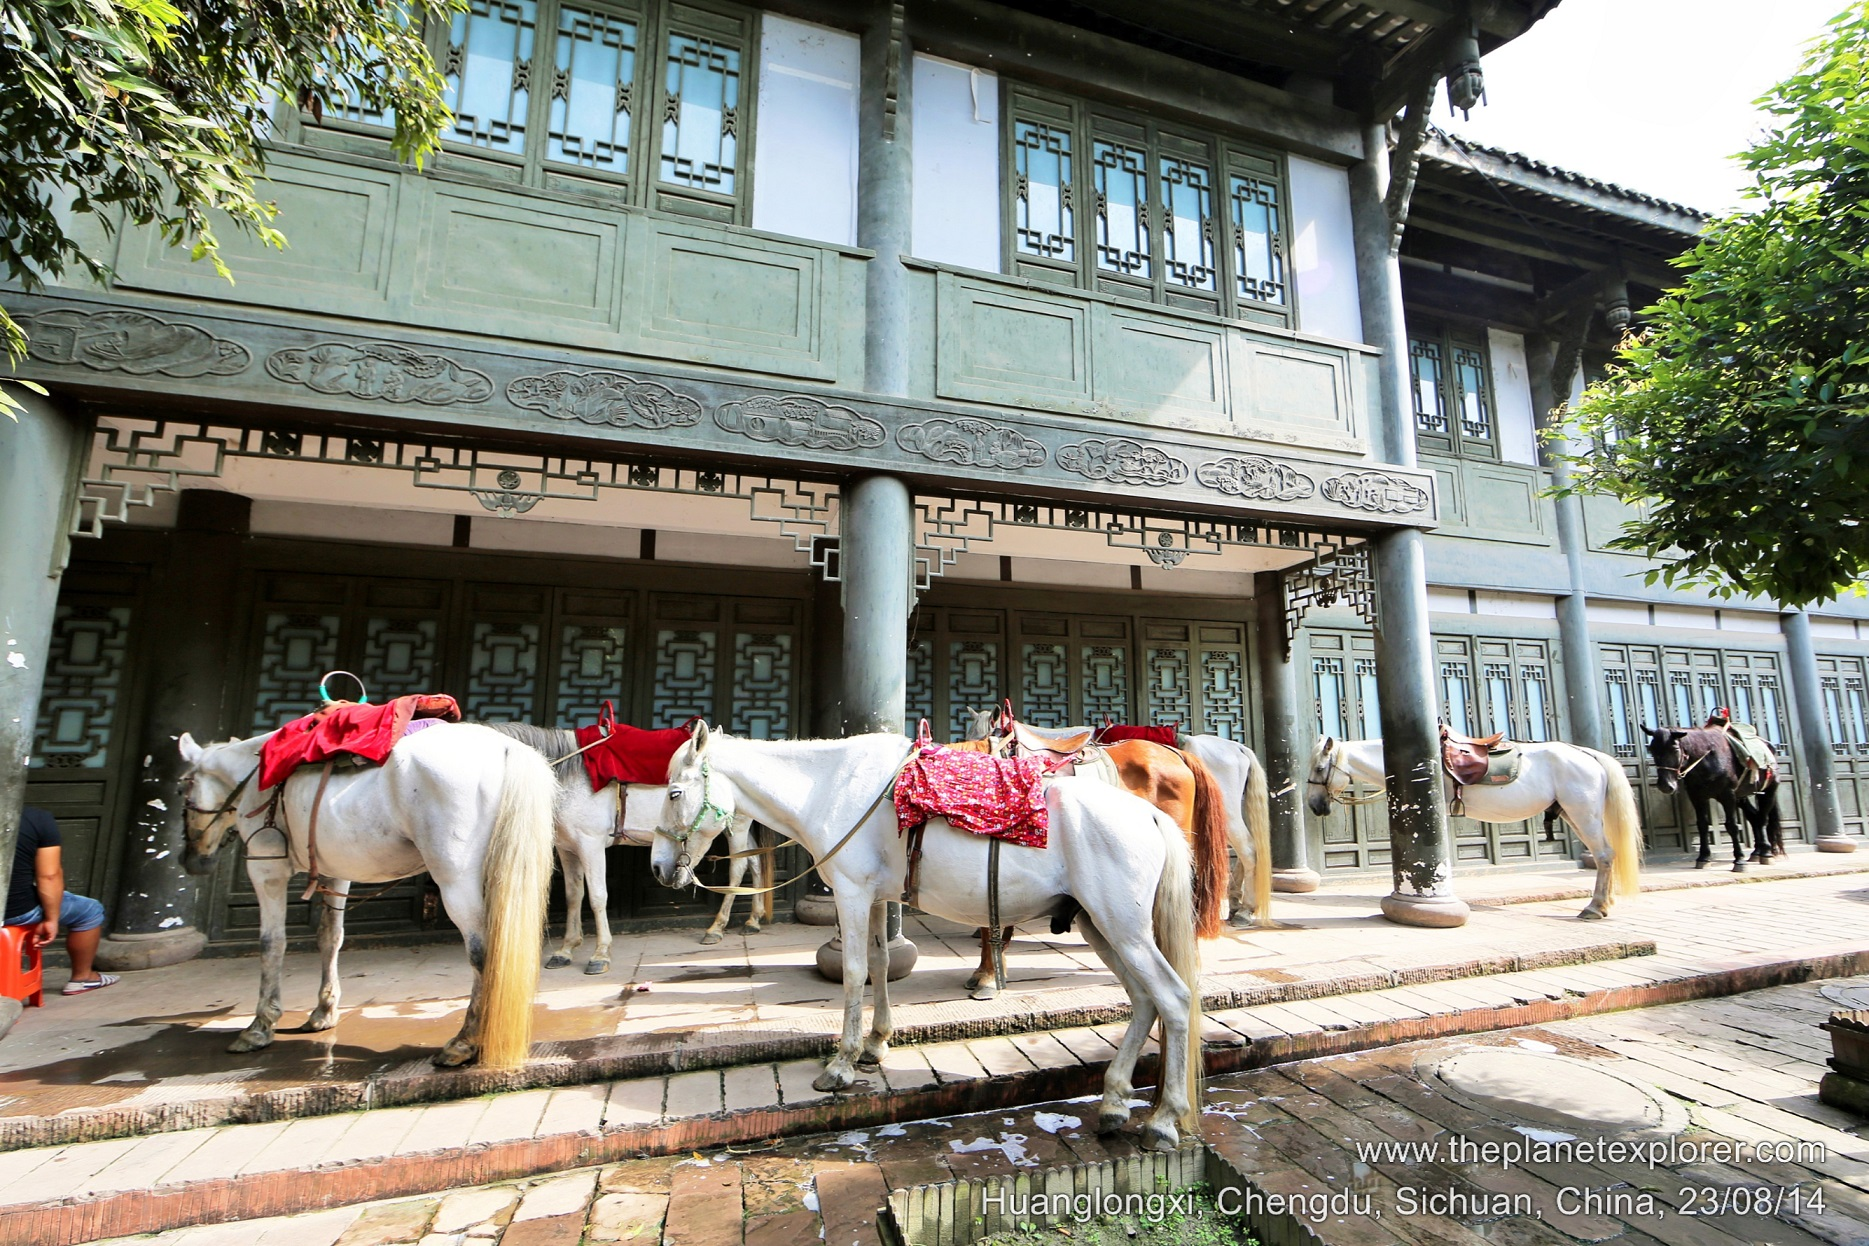 2014-08-23_1558_china_sichuan_chengdu_huanglongxi_horses_lr_nw